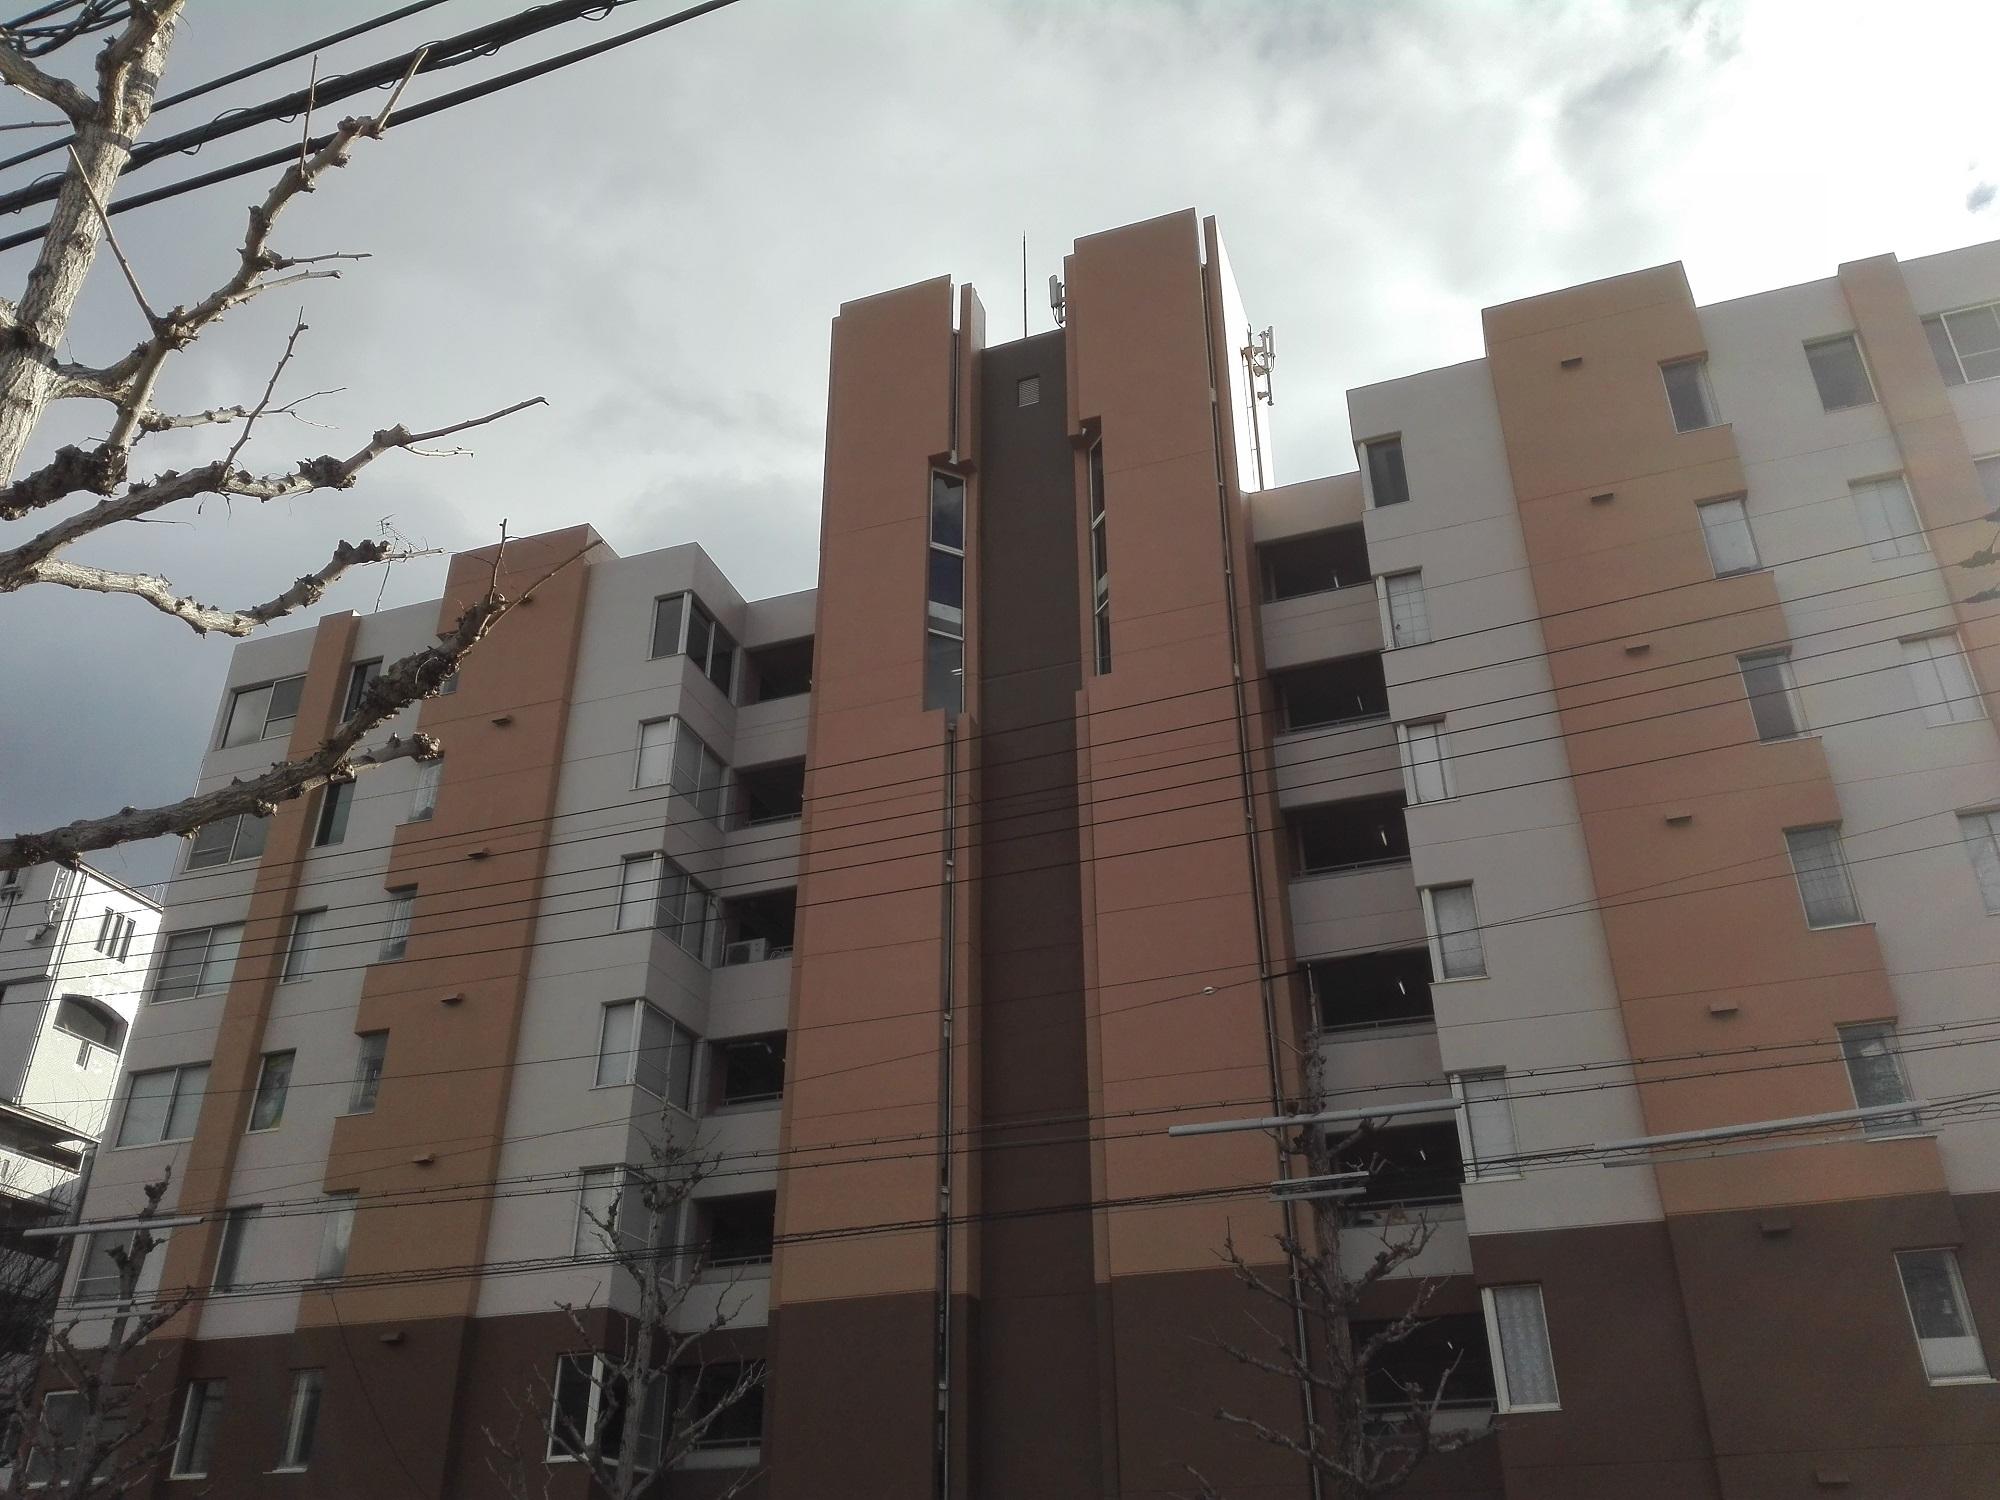 京都の心霊マンション「メタボ広沢」を訪れた しかし壁の塗り替えで怖くなくなっていた